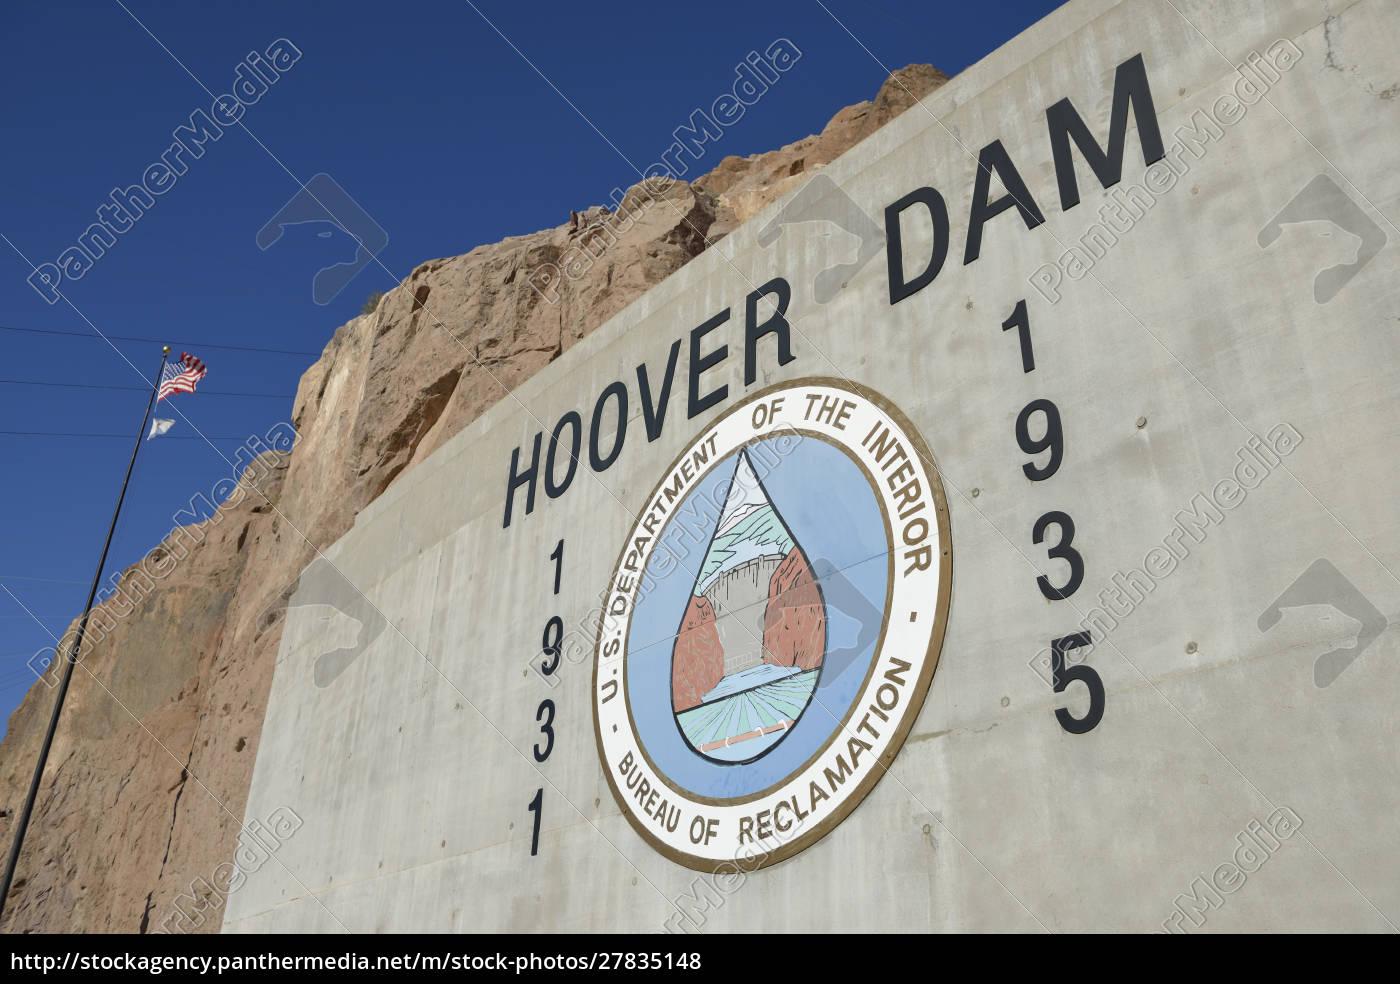 stany, zjednoczone, nevada, hoover, dam, departament, wnętrz, usa - 27835148